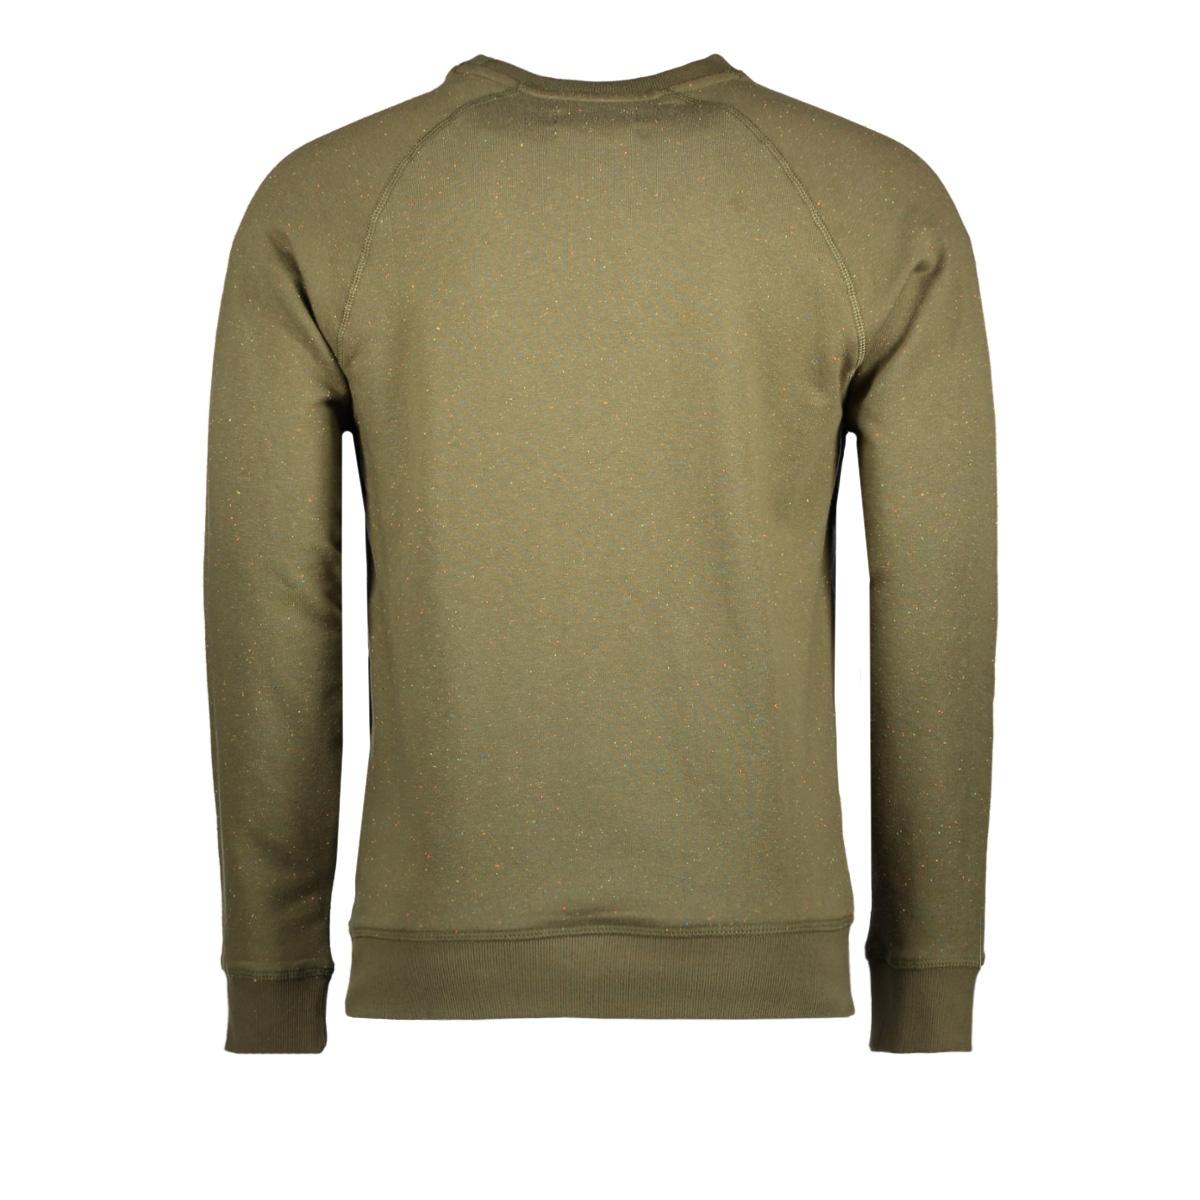 107ee2j001 esprit sweater e300